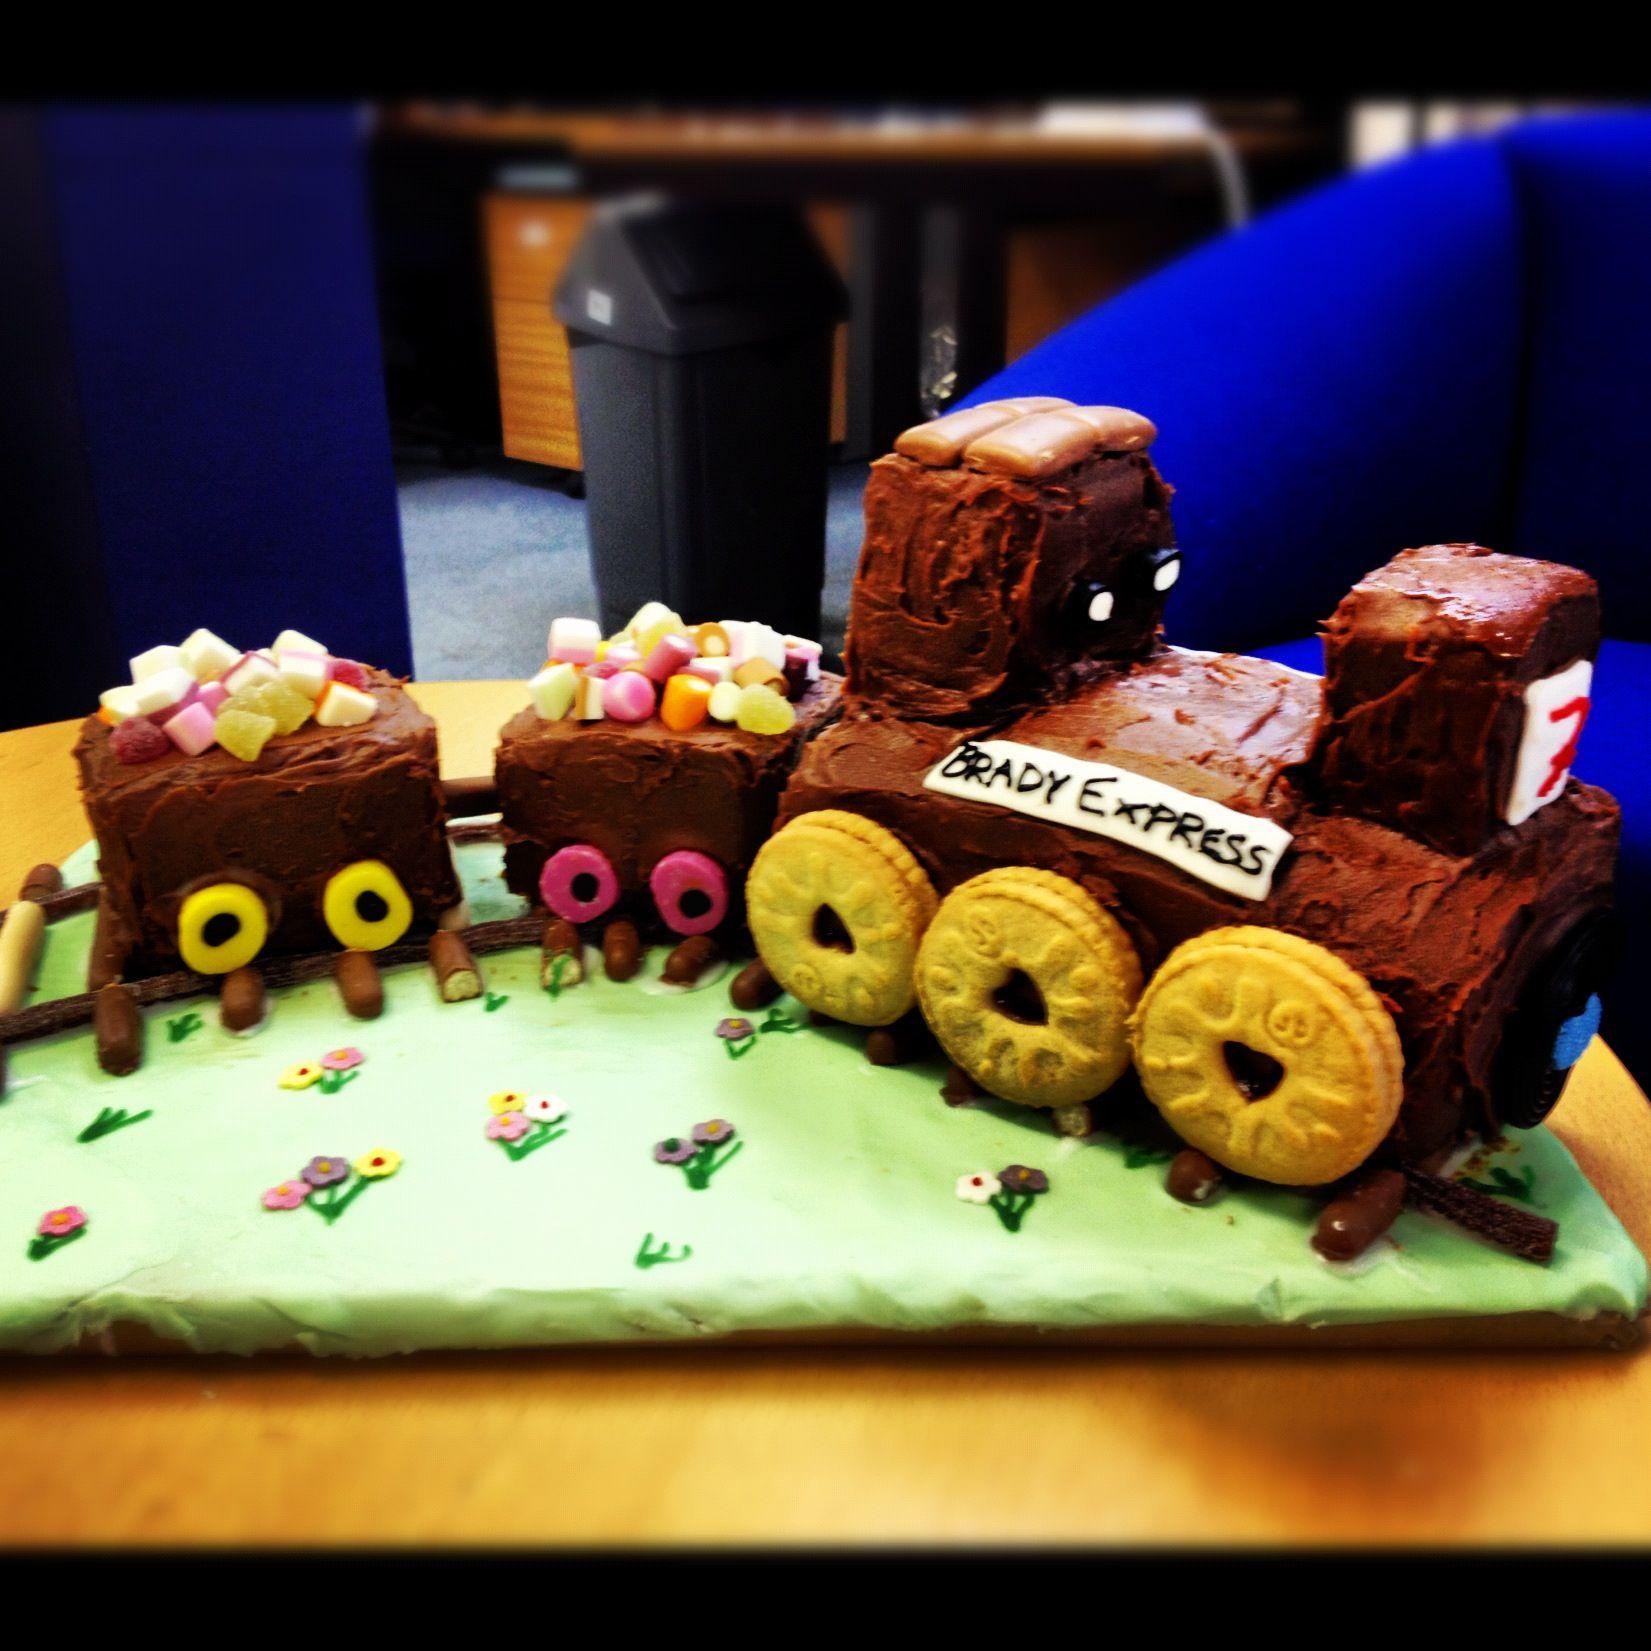 Chocolate train cake train cake childrens birthday